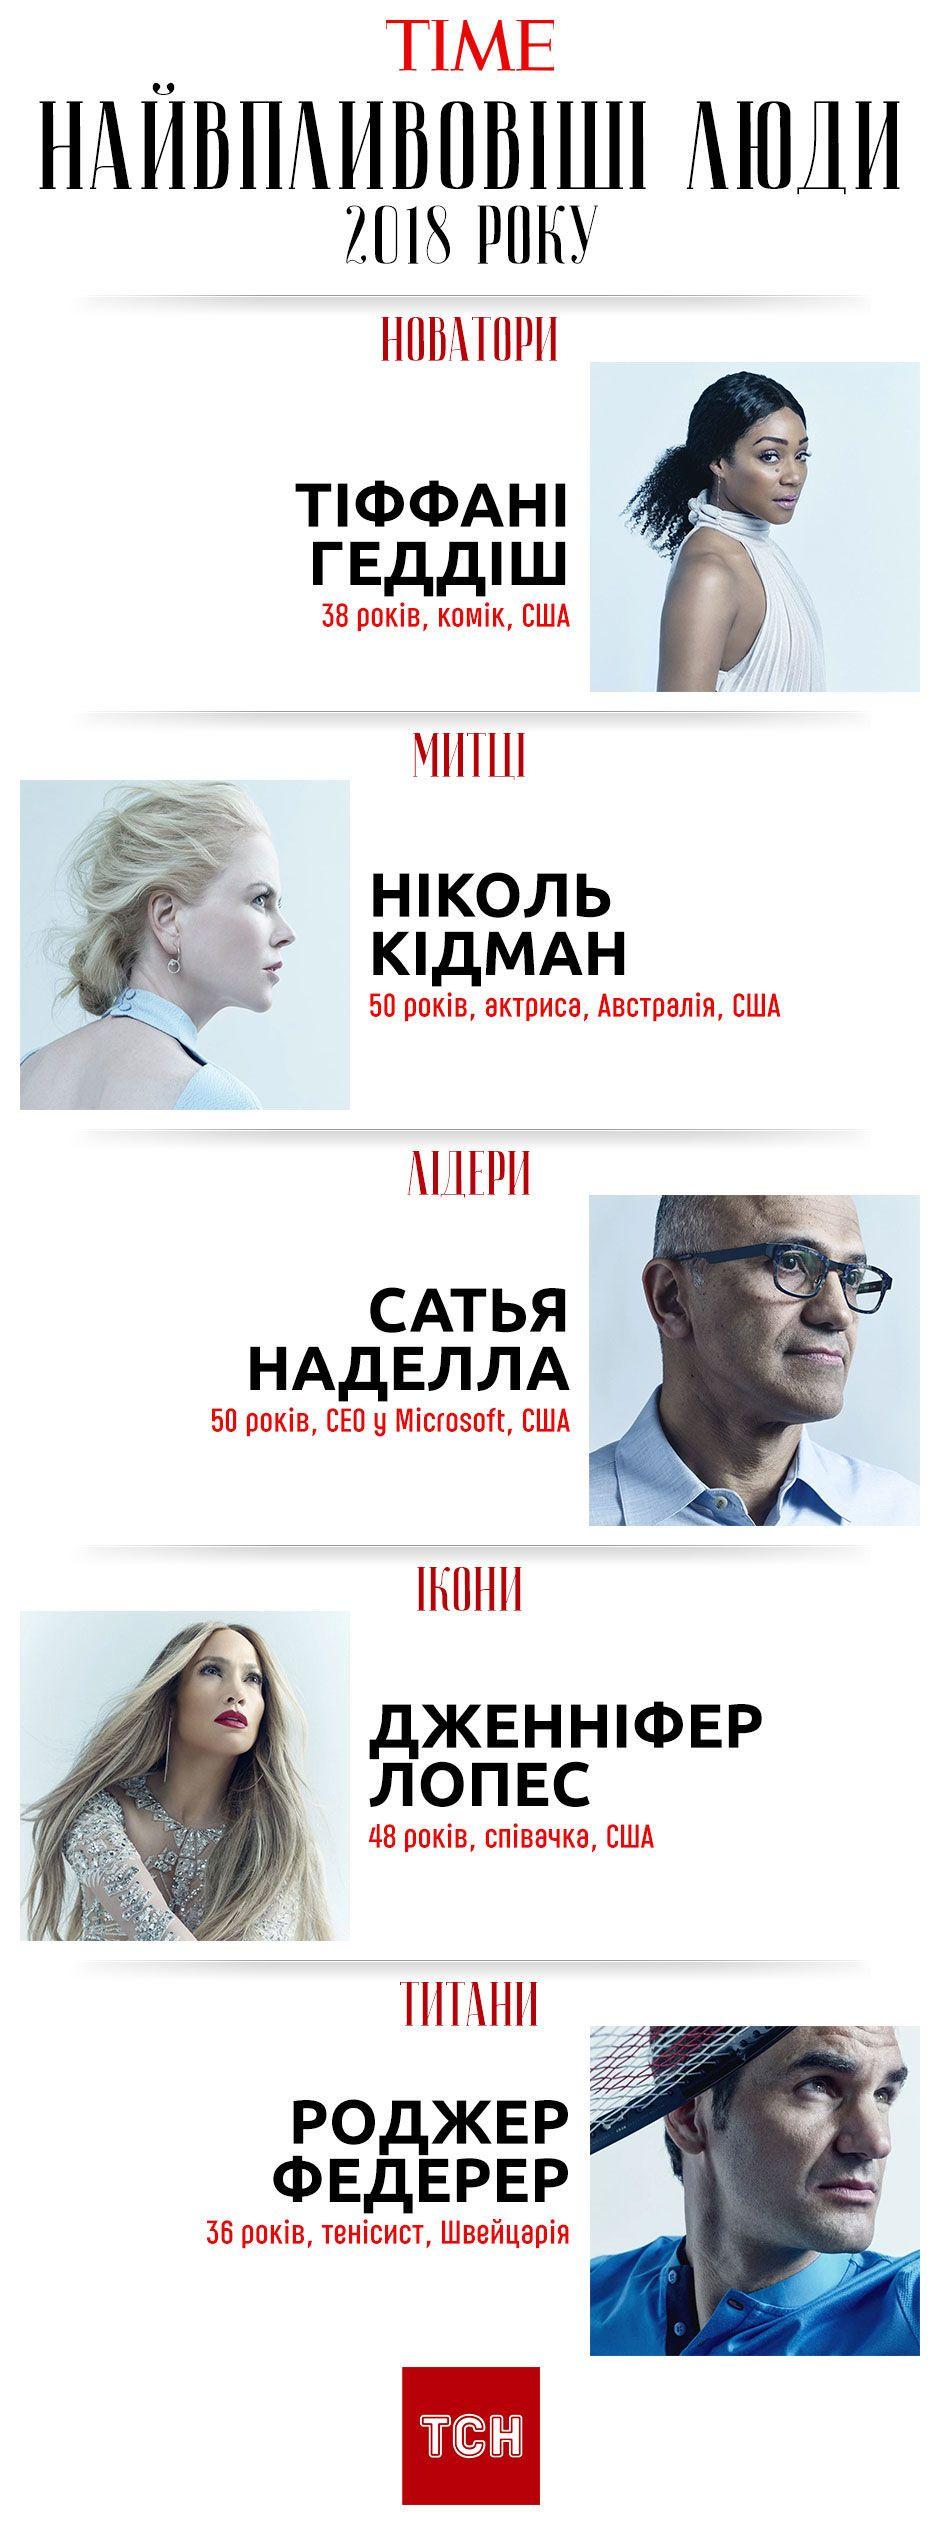 Найвпливовіши люди 2018, Time, інфографіка